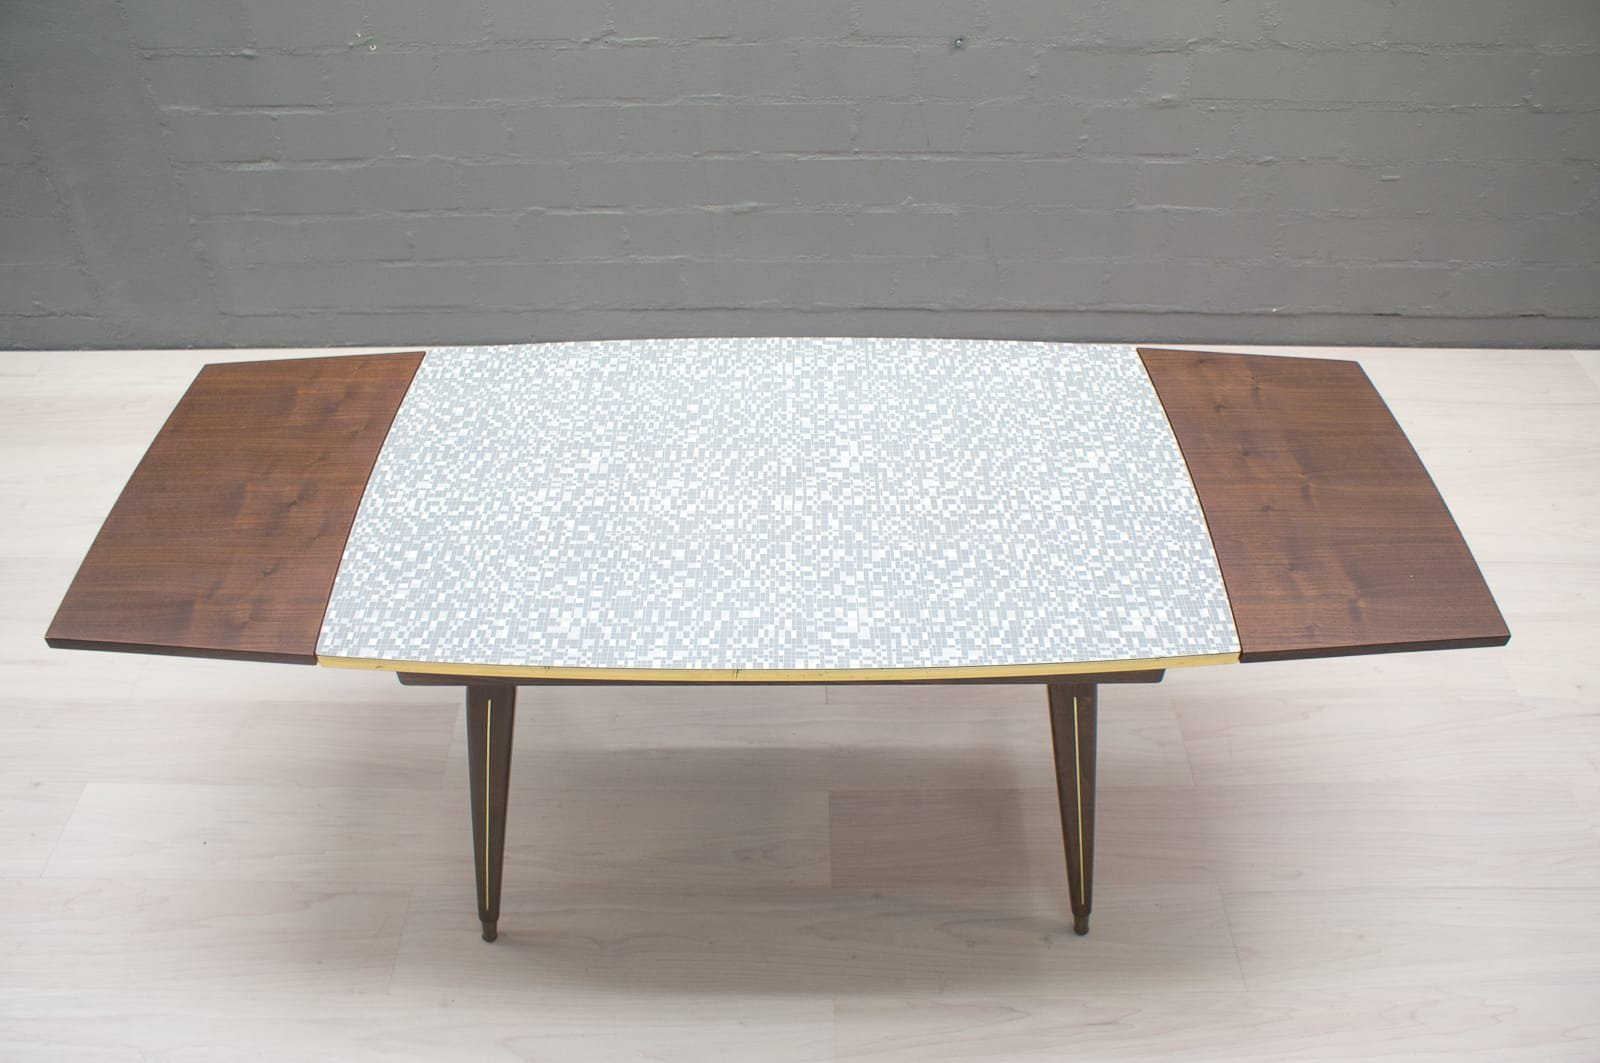 h henverstellbarer couch oder esstisch 1950er bei pamono kaufen. Black Bedroom Furniture Sets. Home Design Ideas